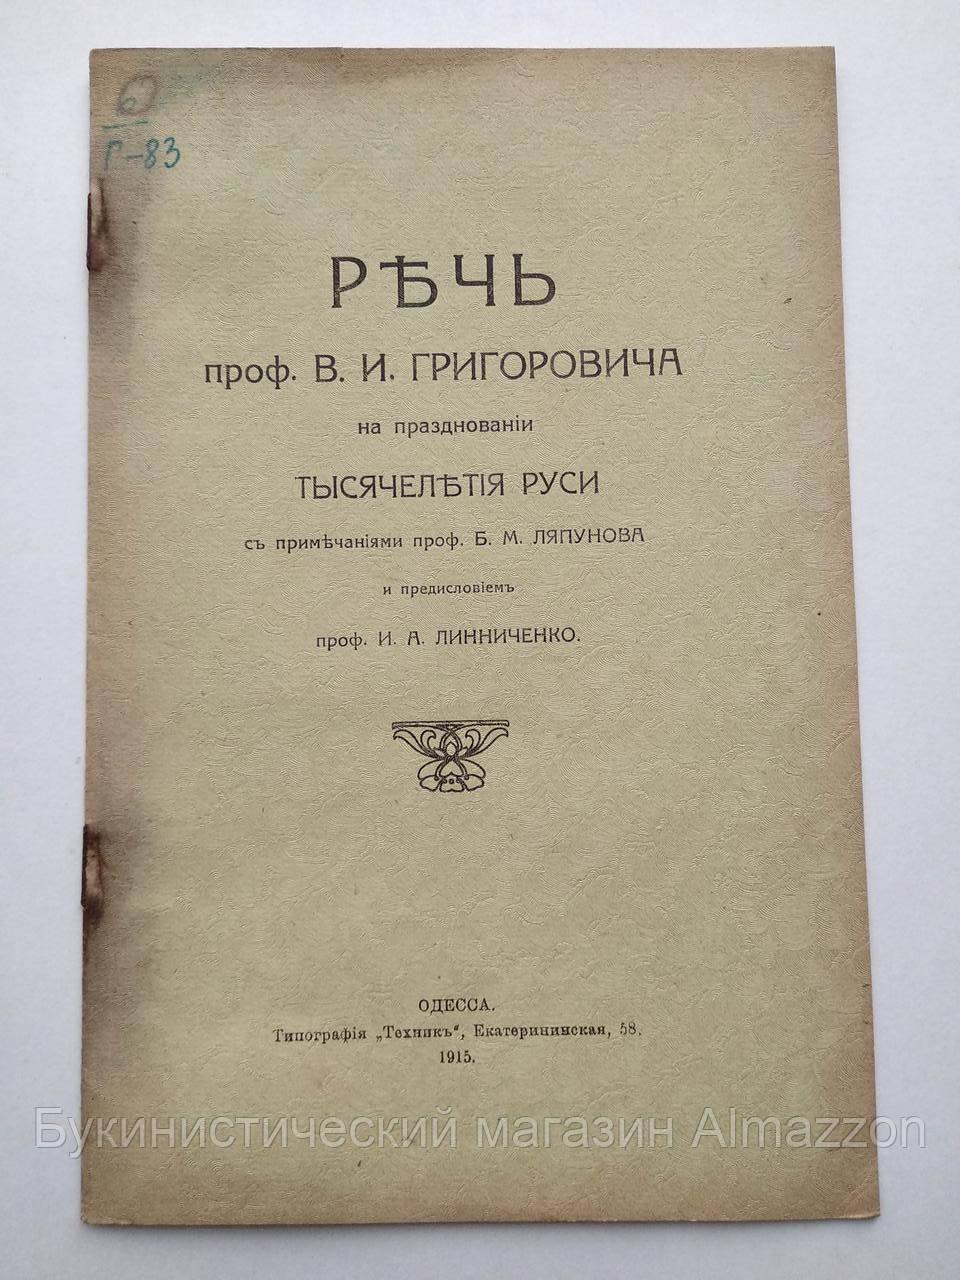 Речь проф. В.И.Григоровича на праздновании Тысячелетия Руси Одесса 1915 год